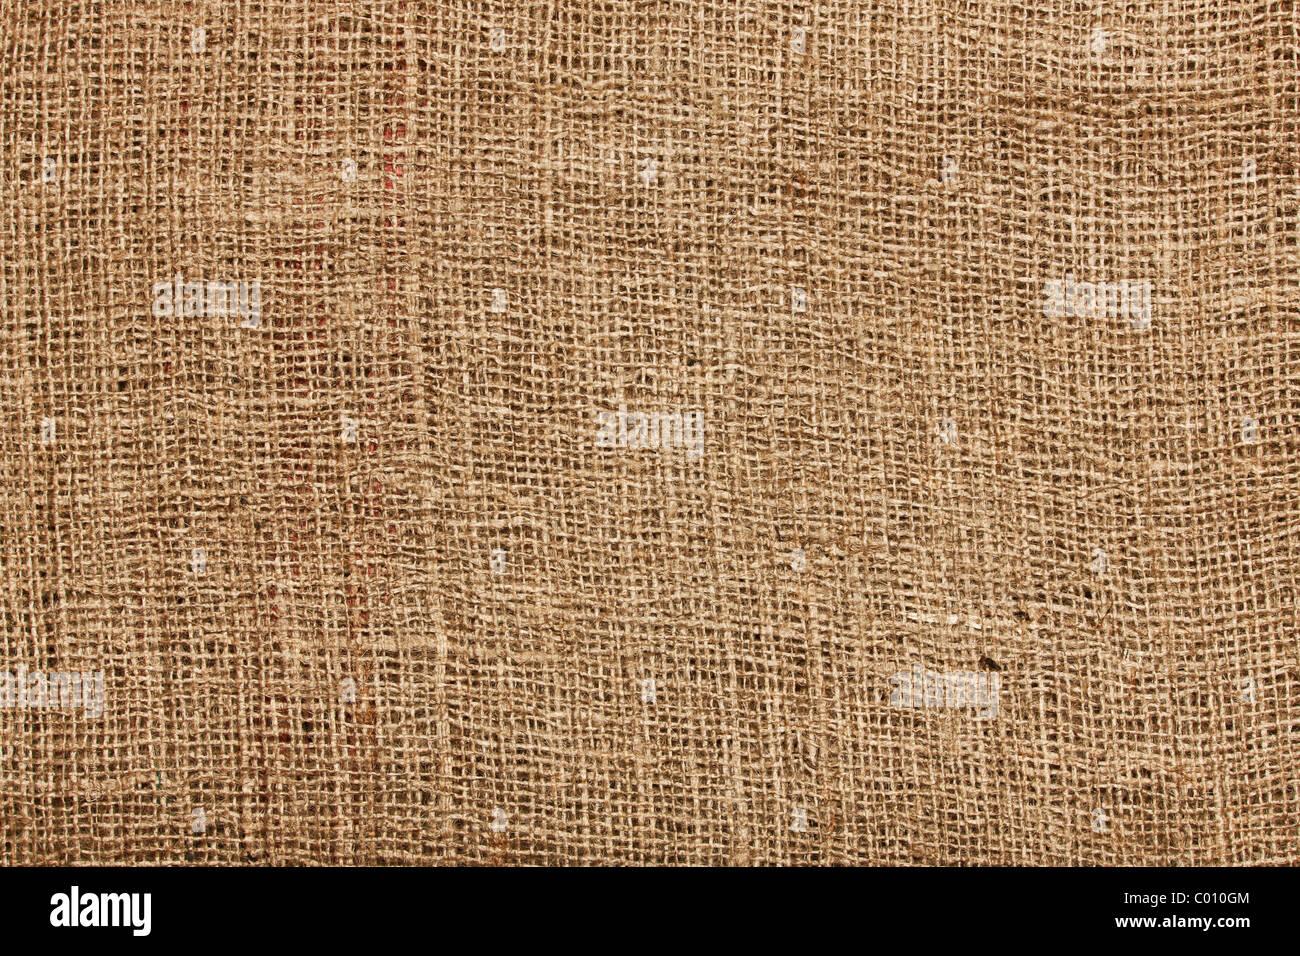 Immagine di sfondo con grossolana del tessuto in tela Immagini Stock